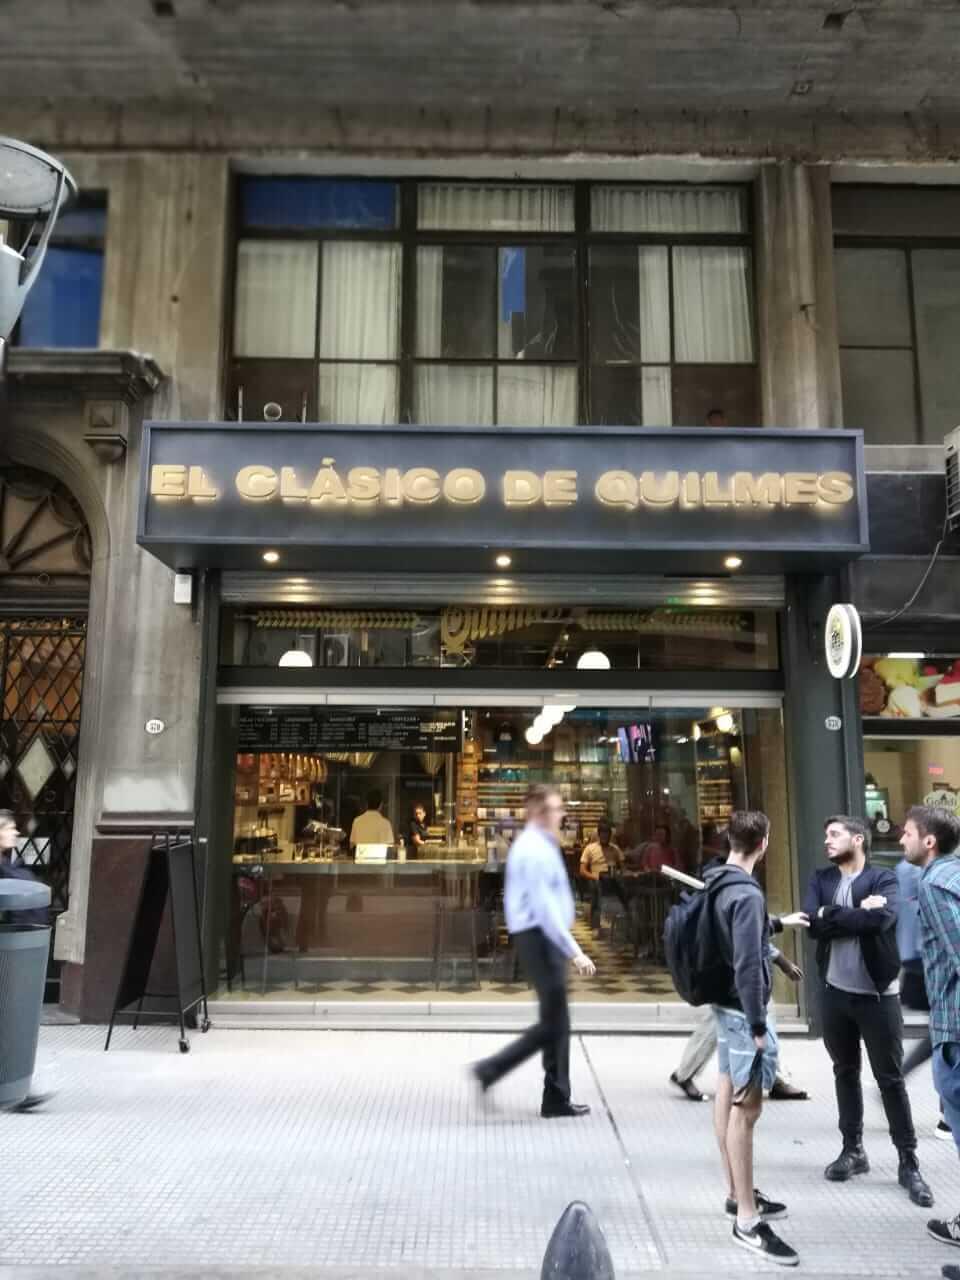 Bar de Quilmes